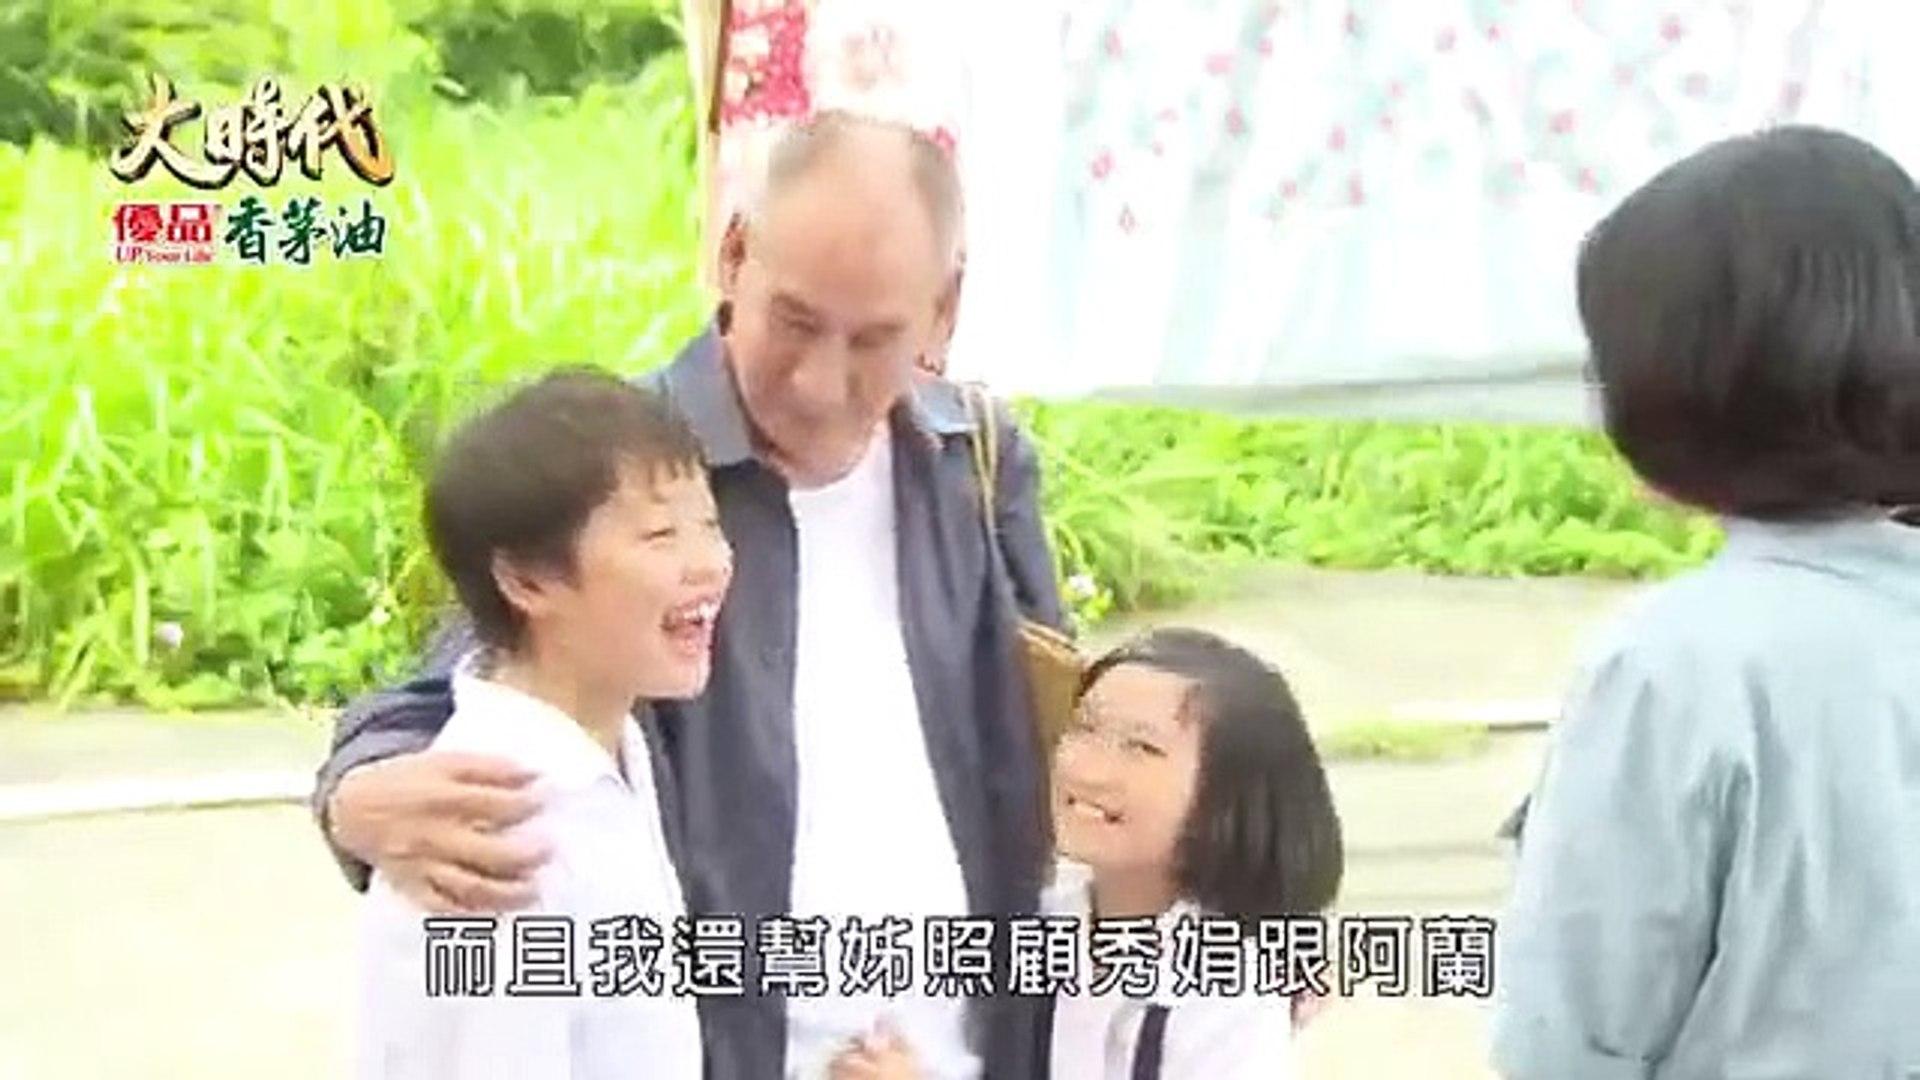 Đại Thời Đại Tập 17 - Phim Đài Loan - THVL1 Lồng Tiếng - Phim Dai Thoi Dai Tap 17 - Phim Dai Thoi Da